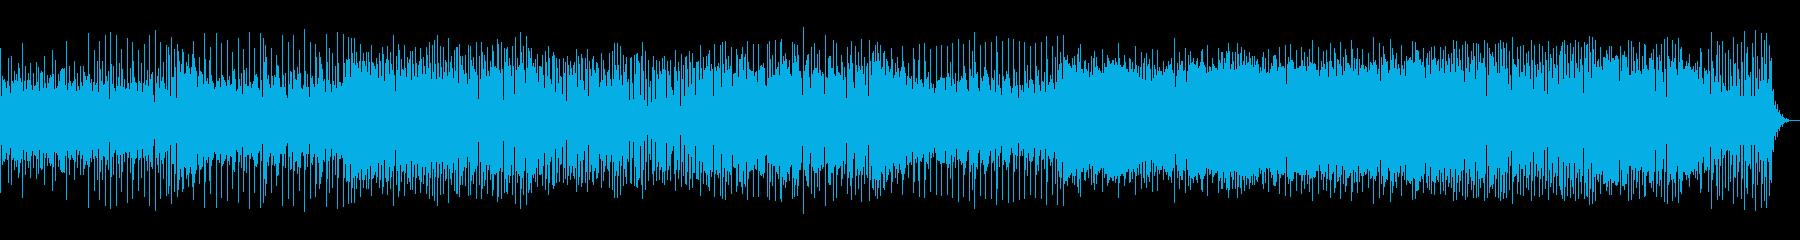 おしゃれで切ないEDMの再生済みの波形